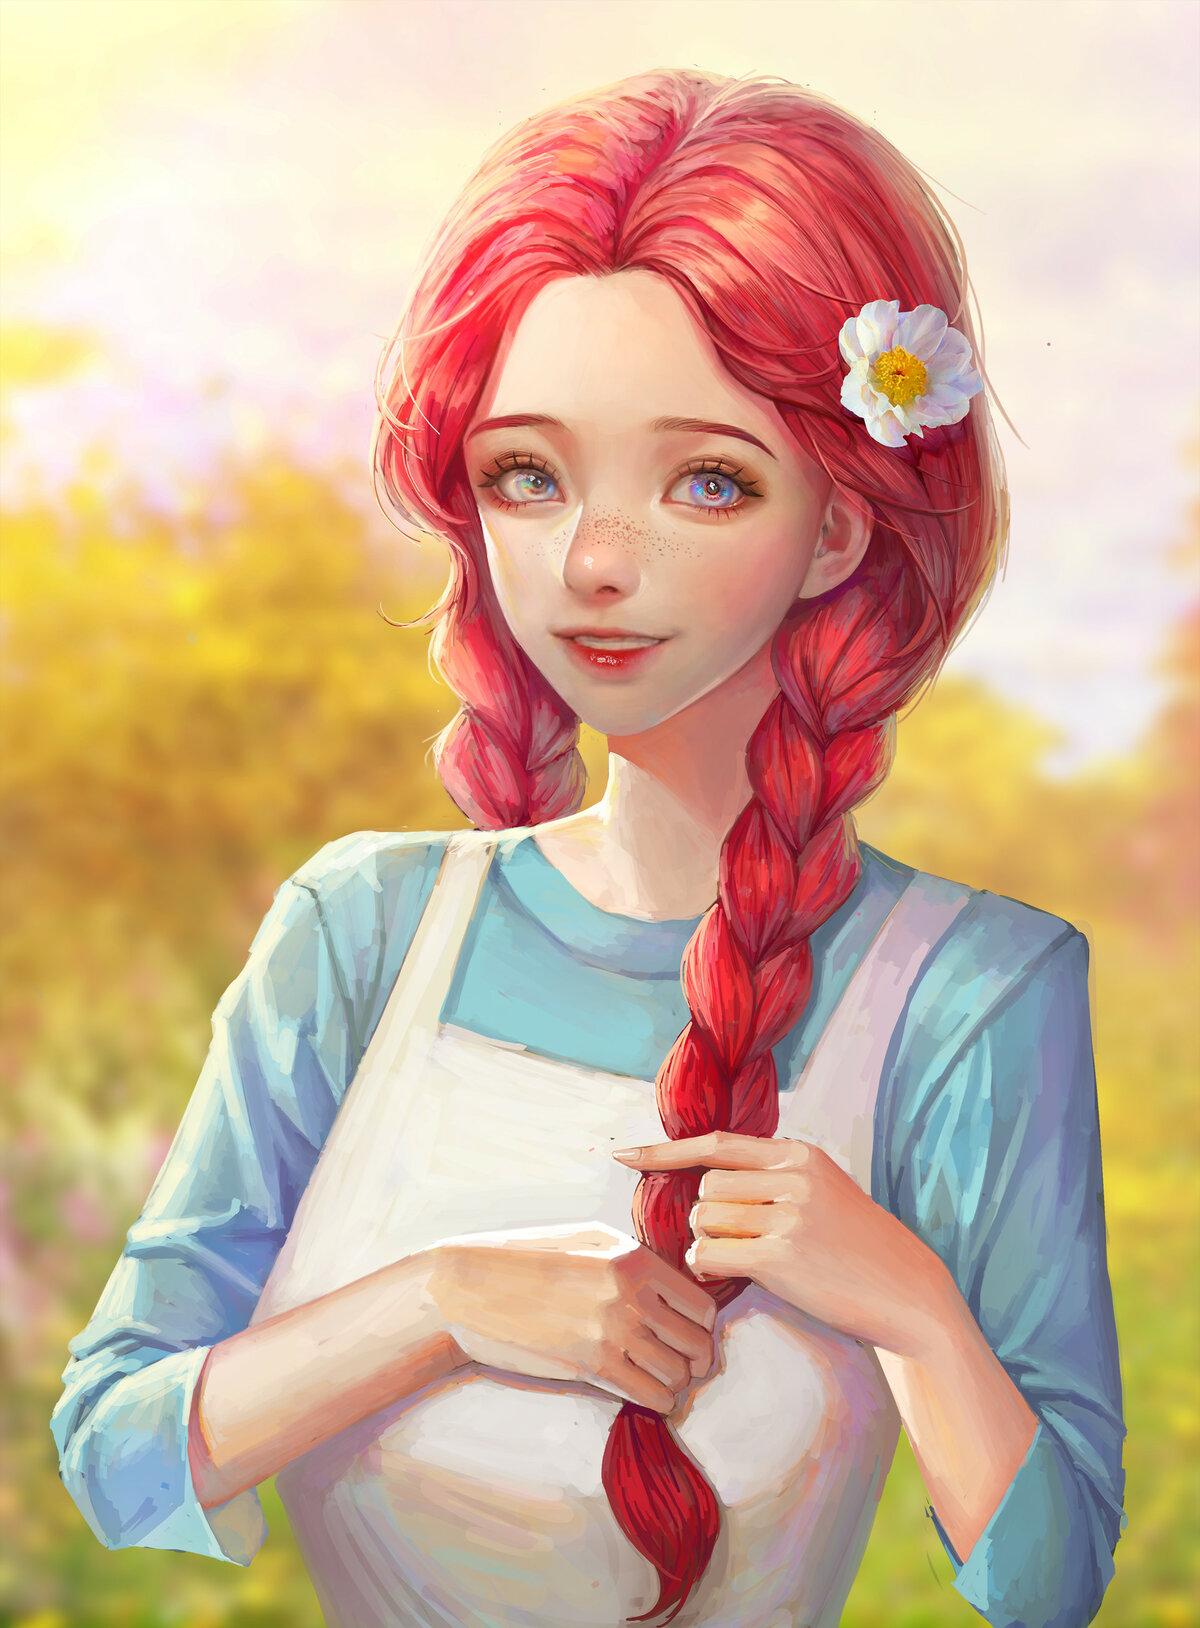 Красивые картинки с нарисованными девочками